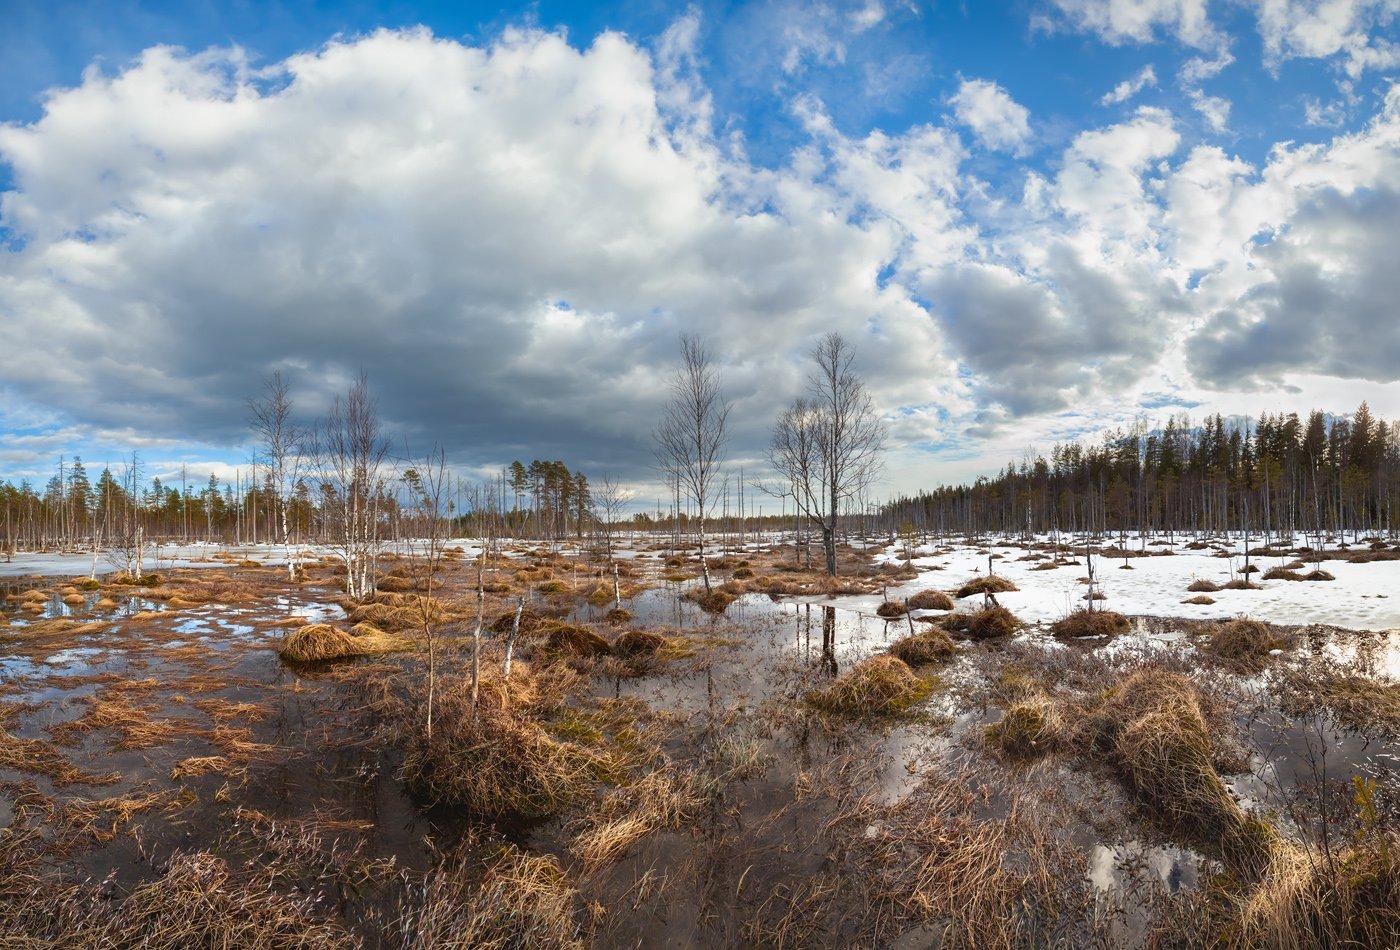 болото, топь, весна, март, ленобласть, ленинградская область, пейзаж, Арсений Кашкаров